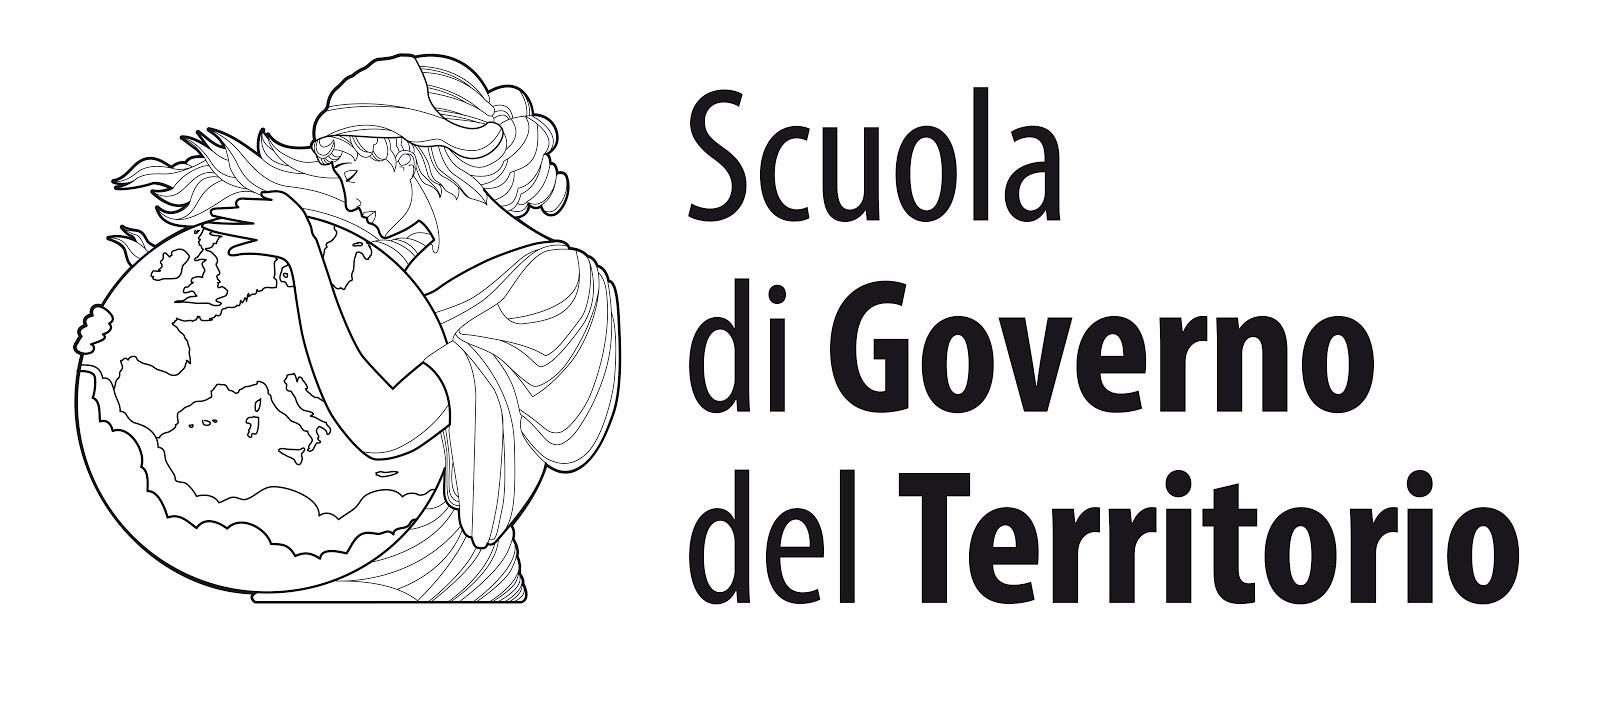 La Scuola di Governo del Territorio